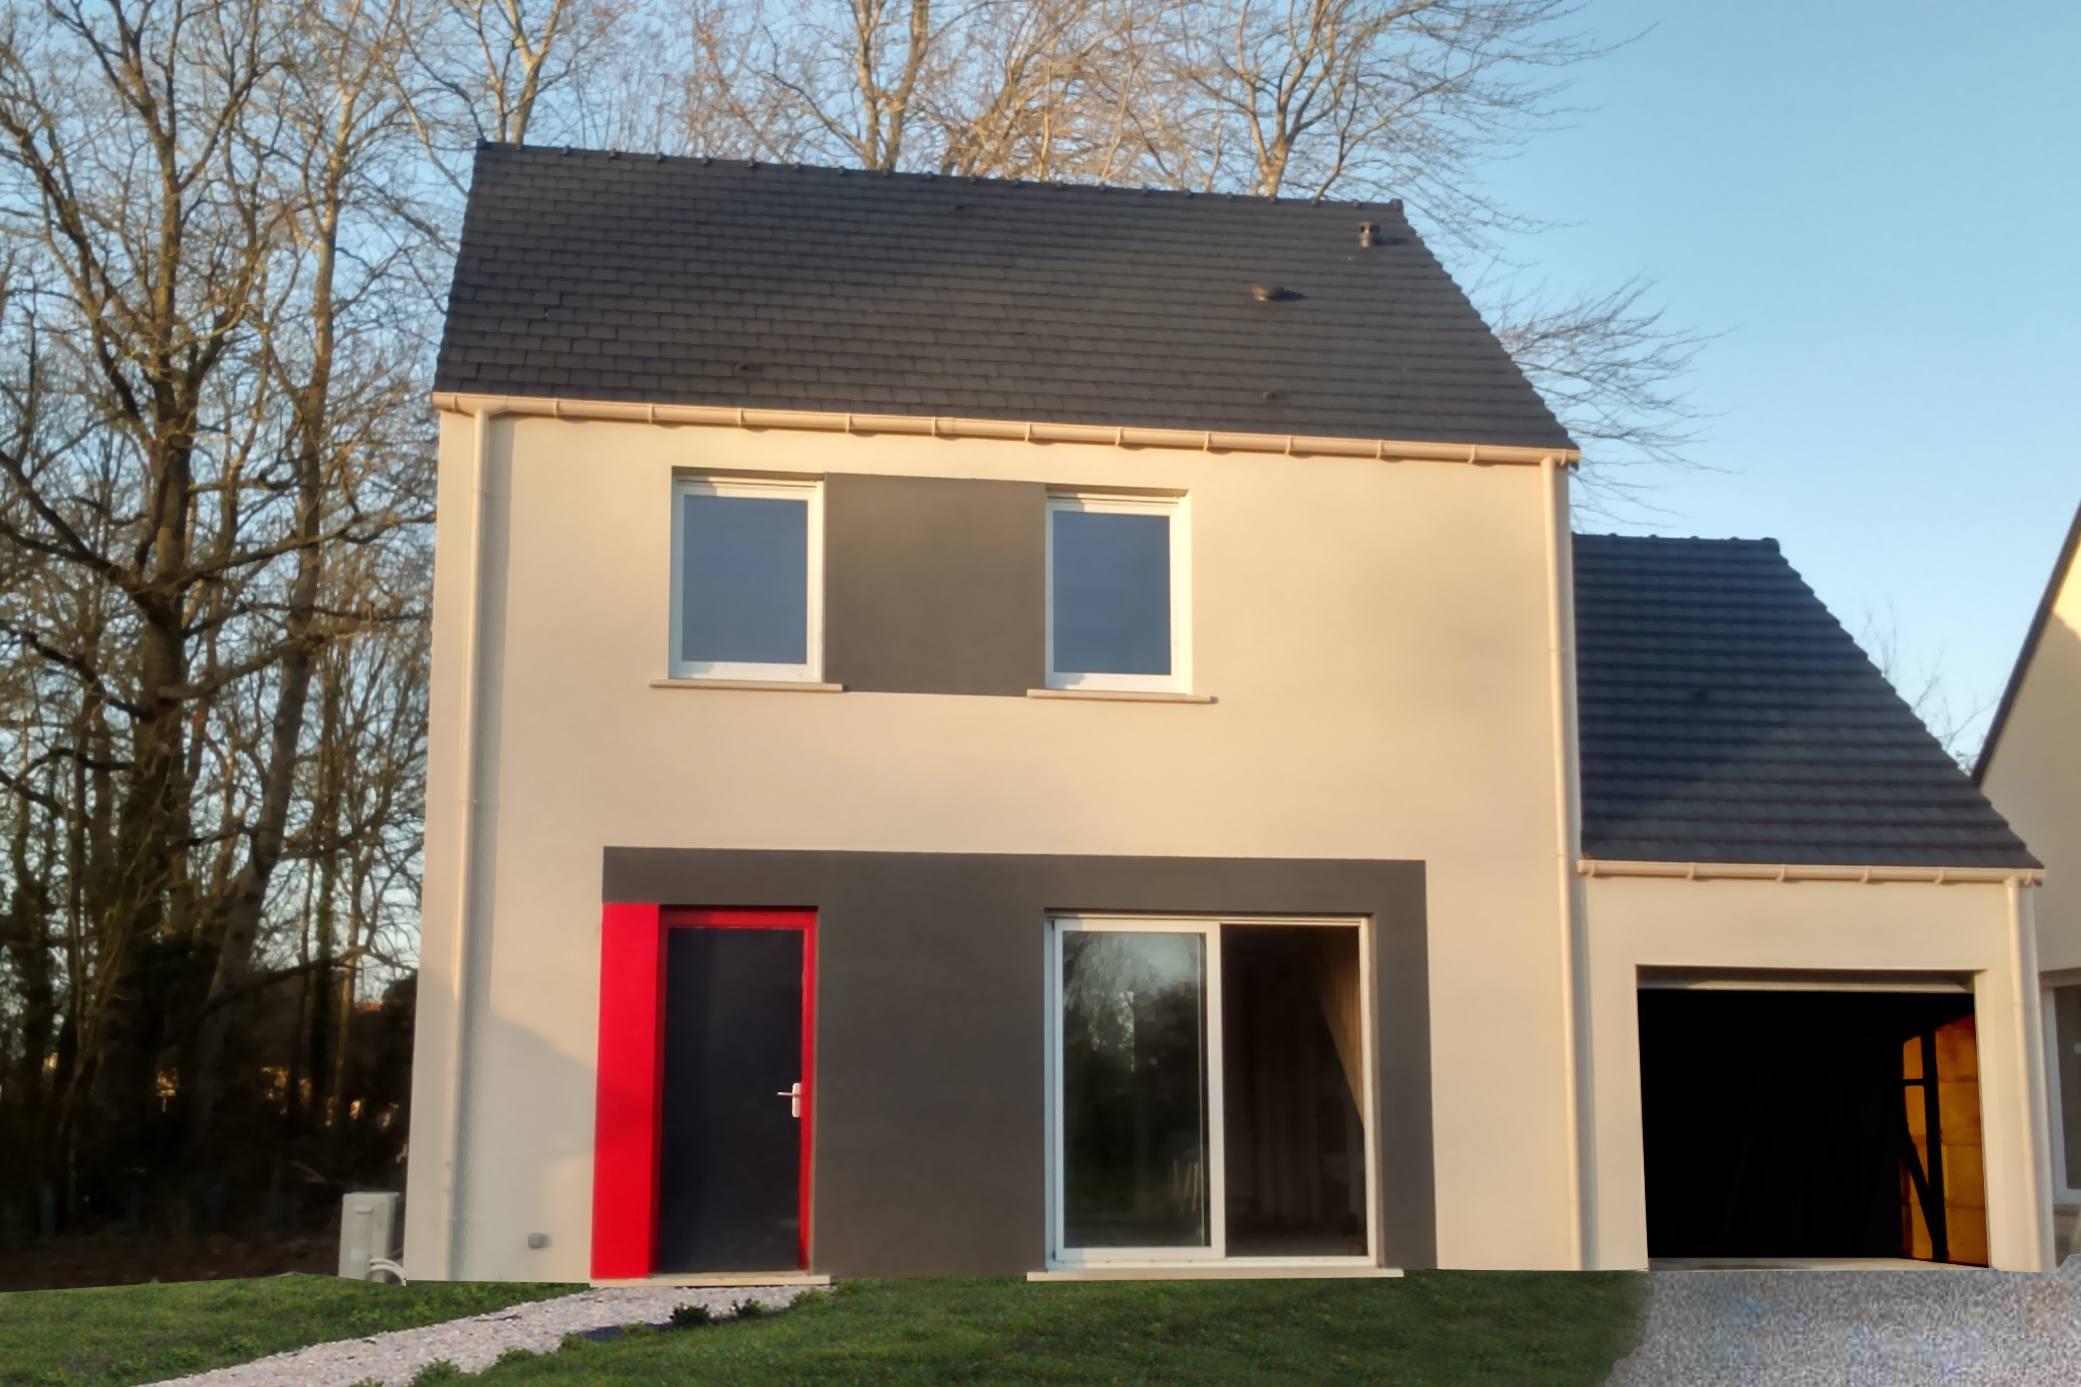 Maisons + Terrains du constructeur Maisons Phénix Le Havre • 80 m² • BOLBEC